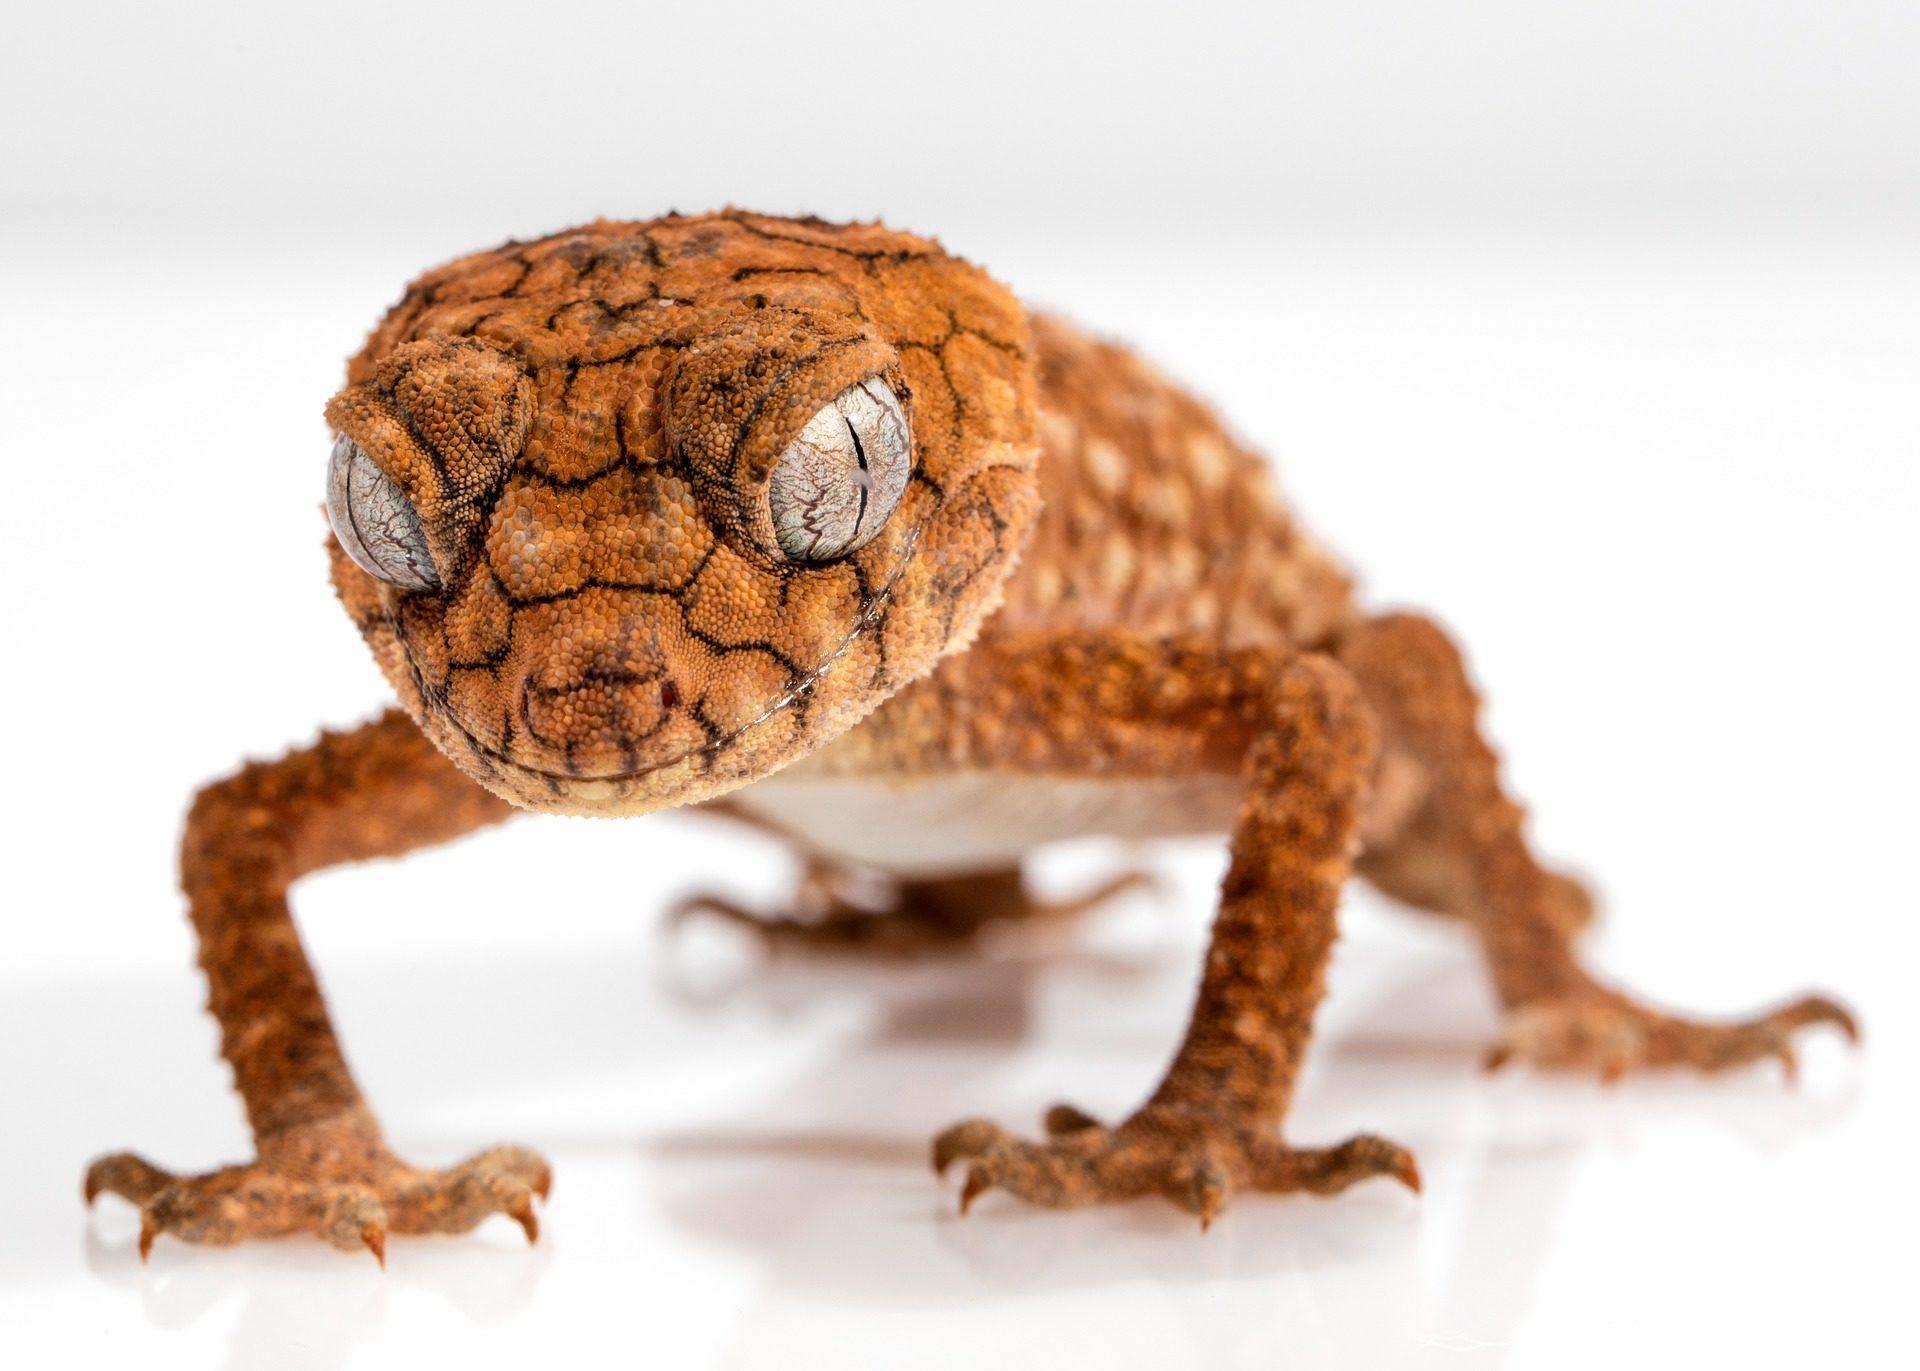 lagarto, gecko, छिपकली, पैर, आँखें, नाखून, त्वचा, देखो - HD वॉलपेपर - प्रोफेसर-falken.com